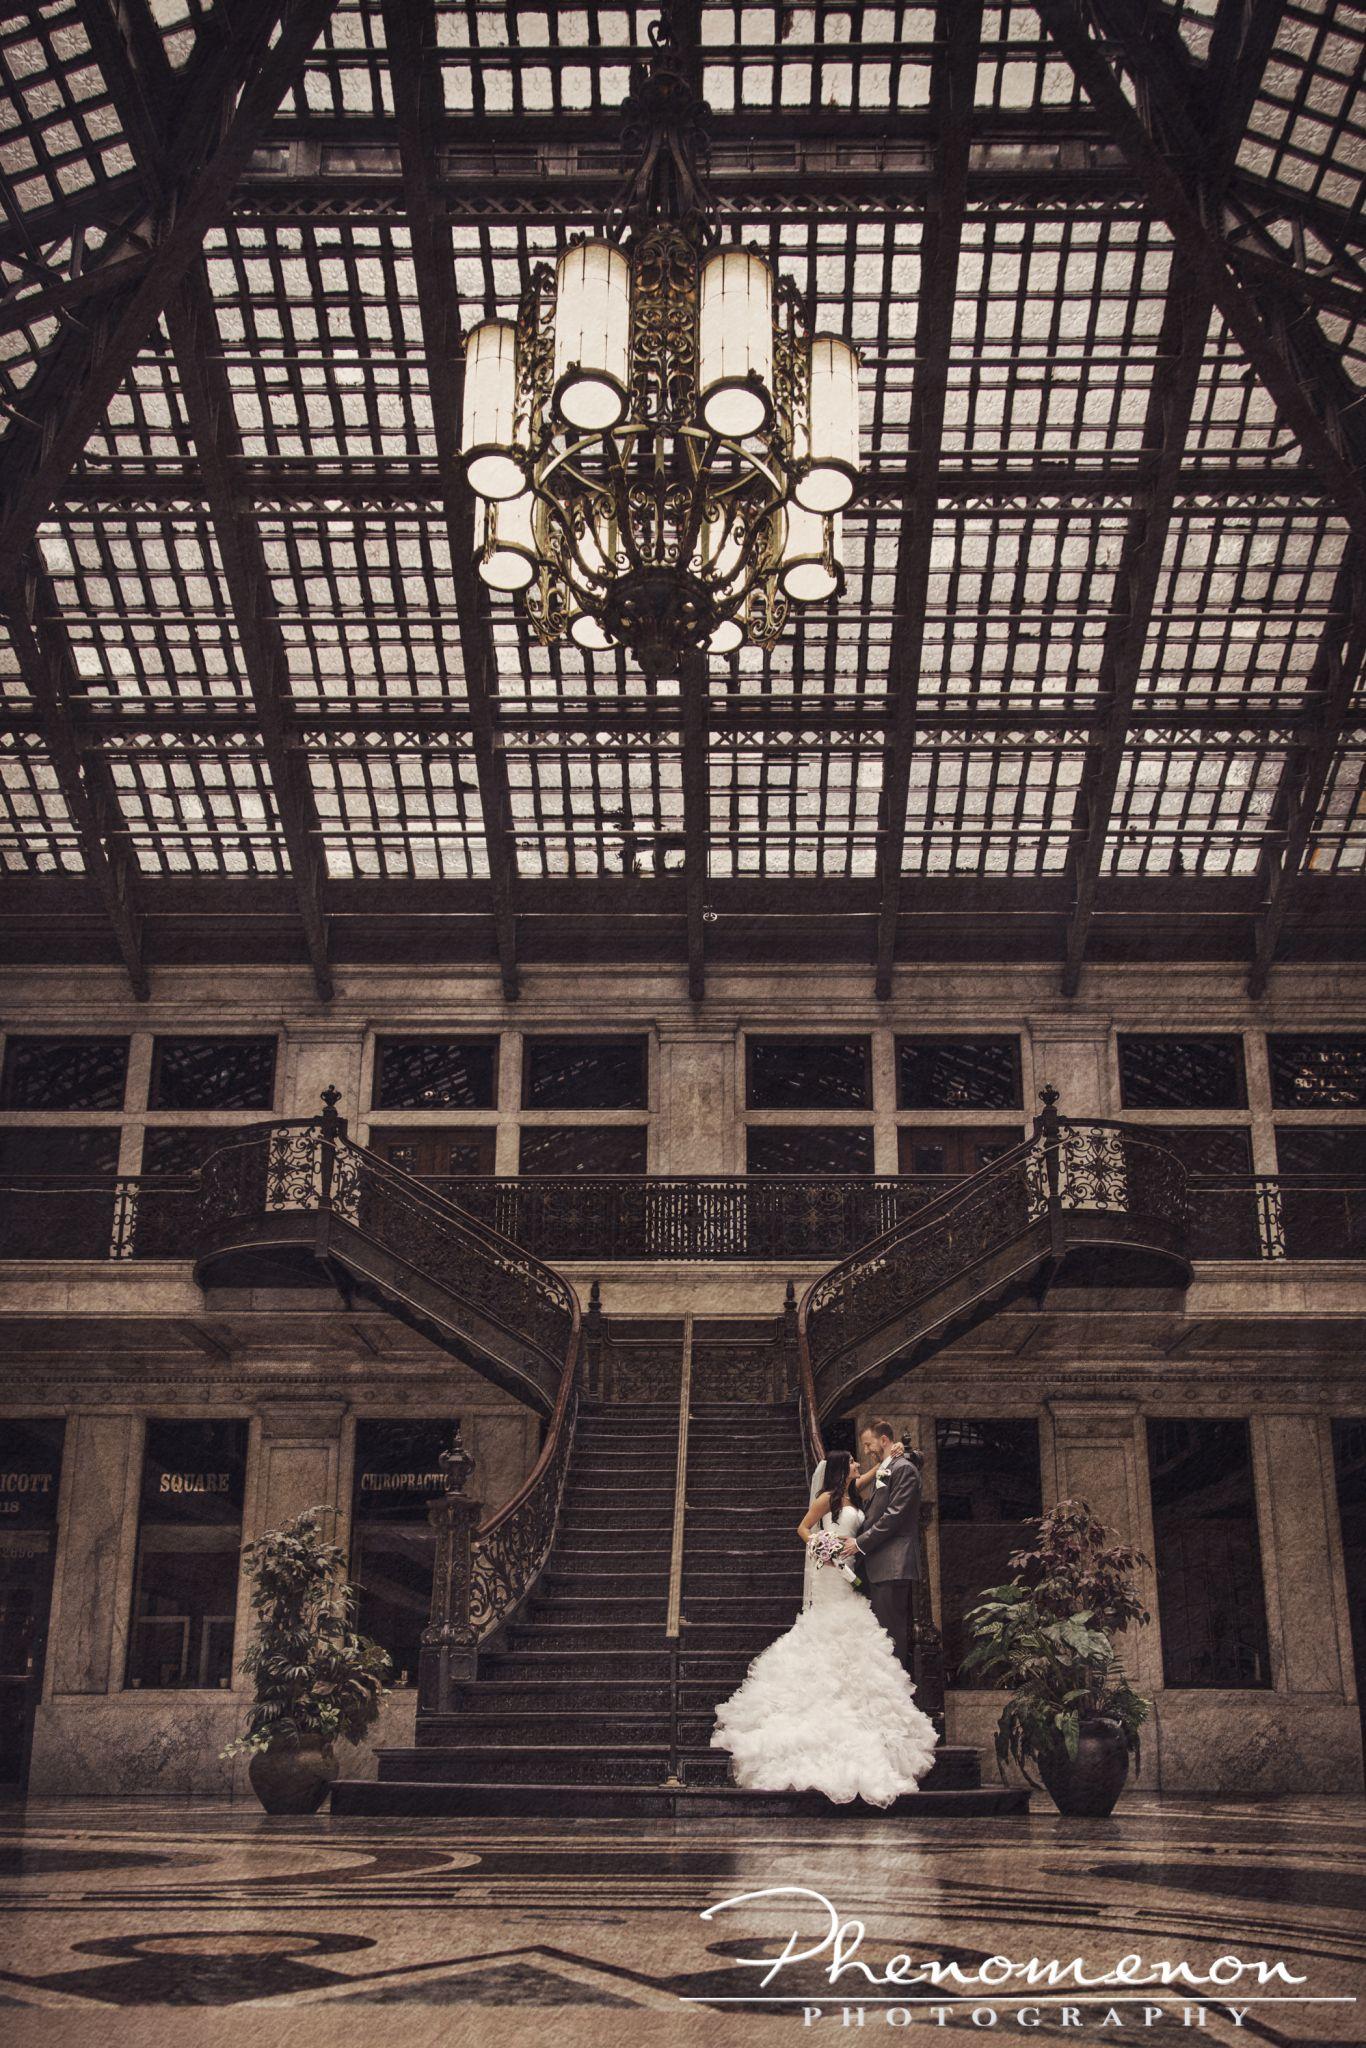 Buffalo Wedding Photographer Phenomenon Photography Ellicott Square Building